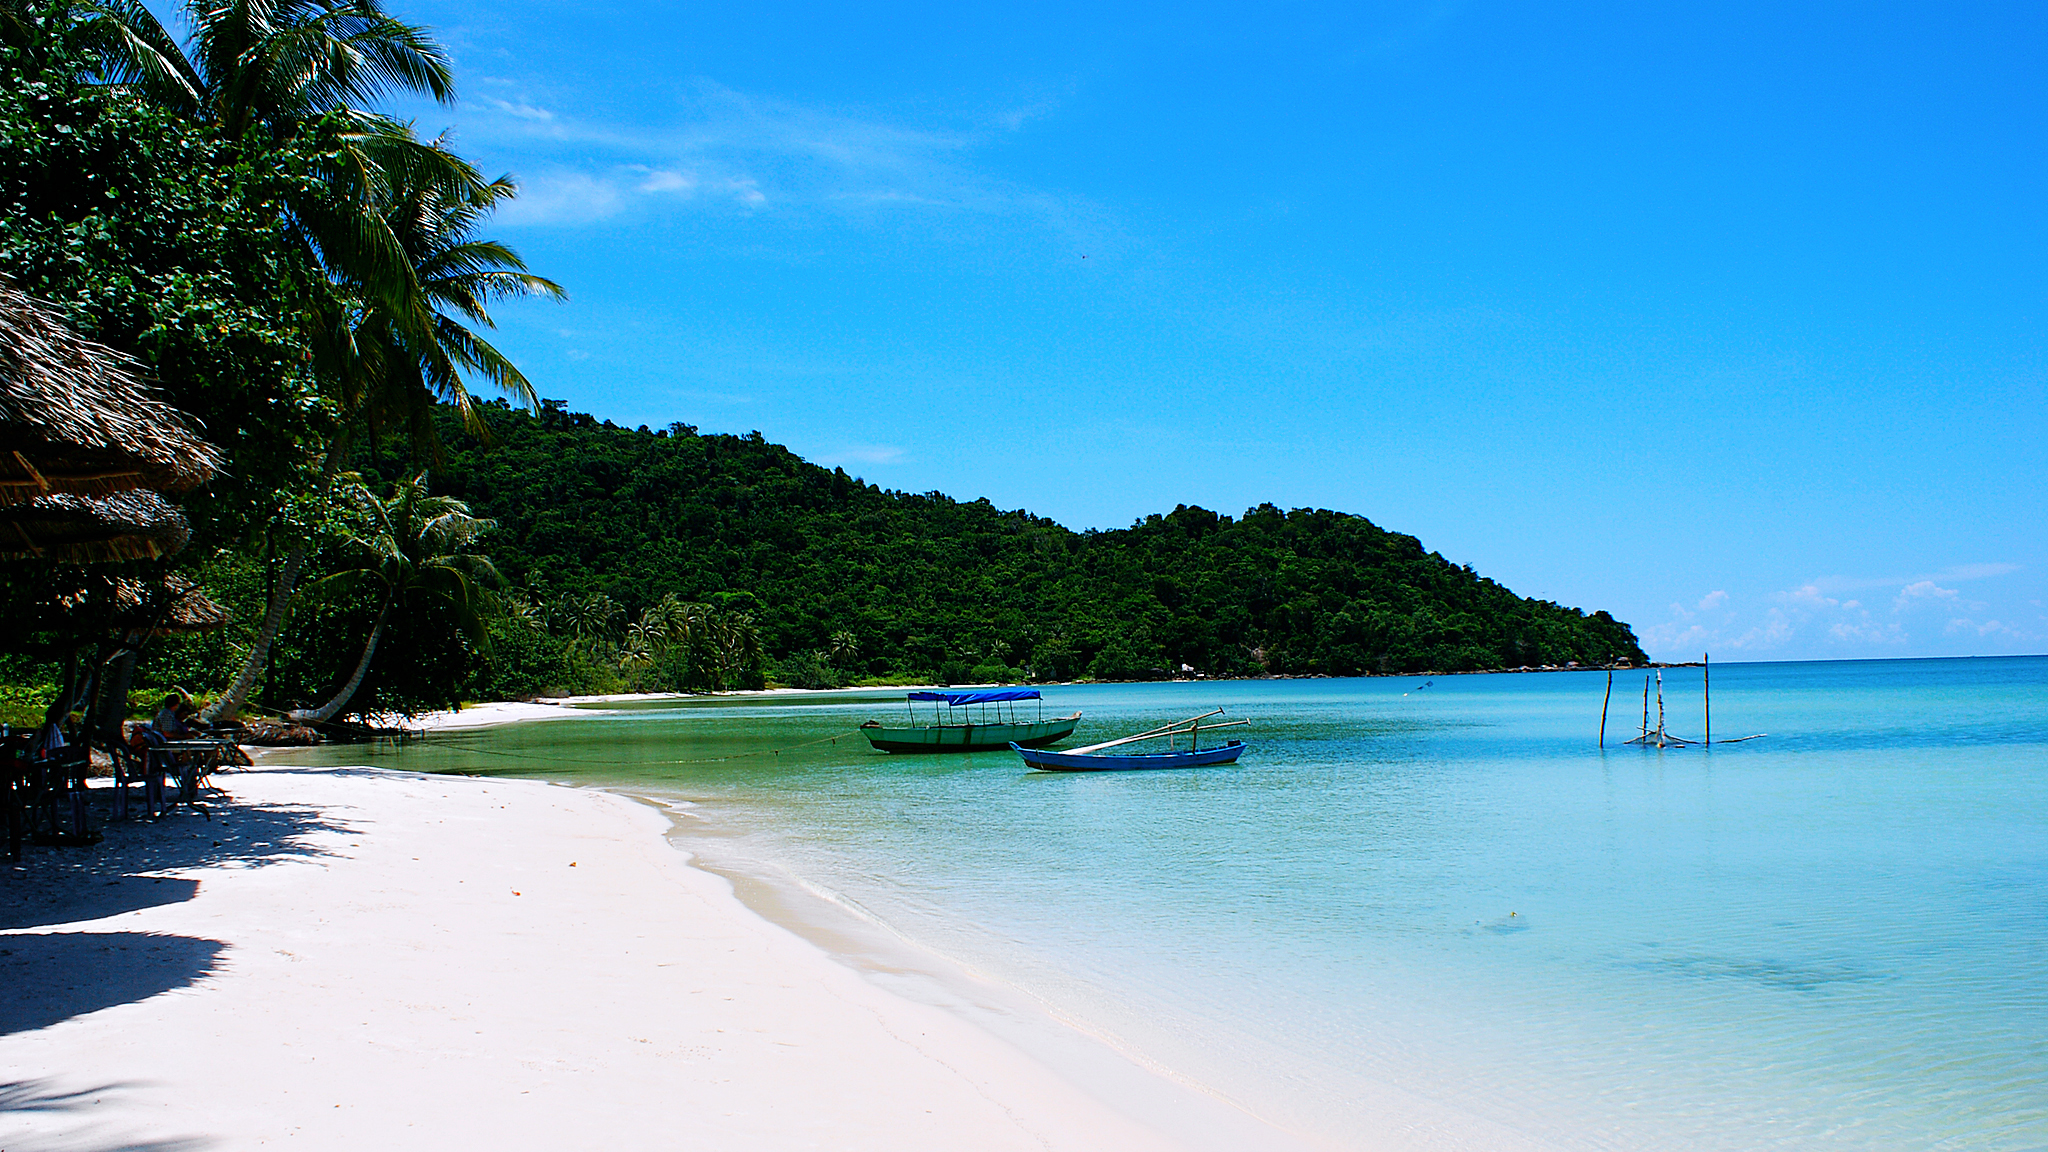 Giá vé máy bay cho đoàn của hãng Vietnam Airlines từ Rạch Giá tới Phú Quốc